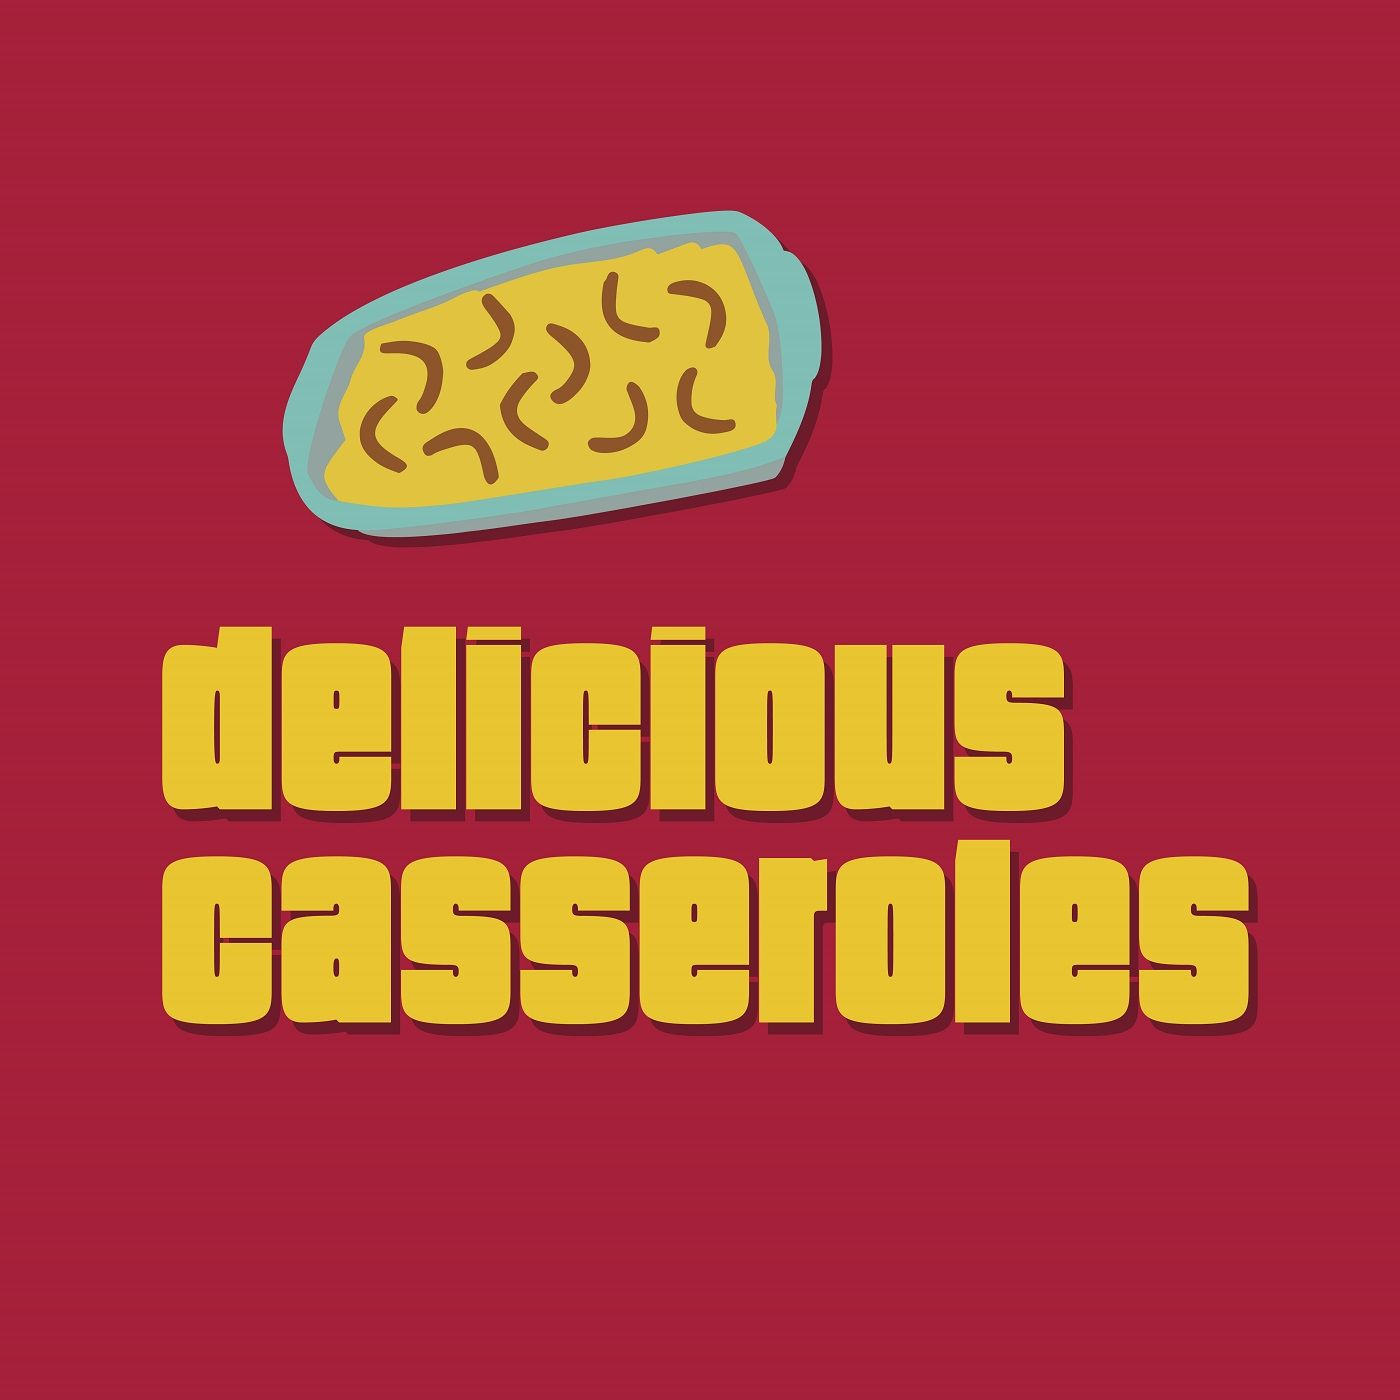 Delicious Casseroles